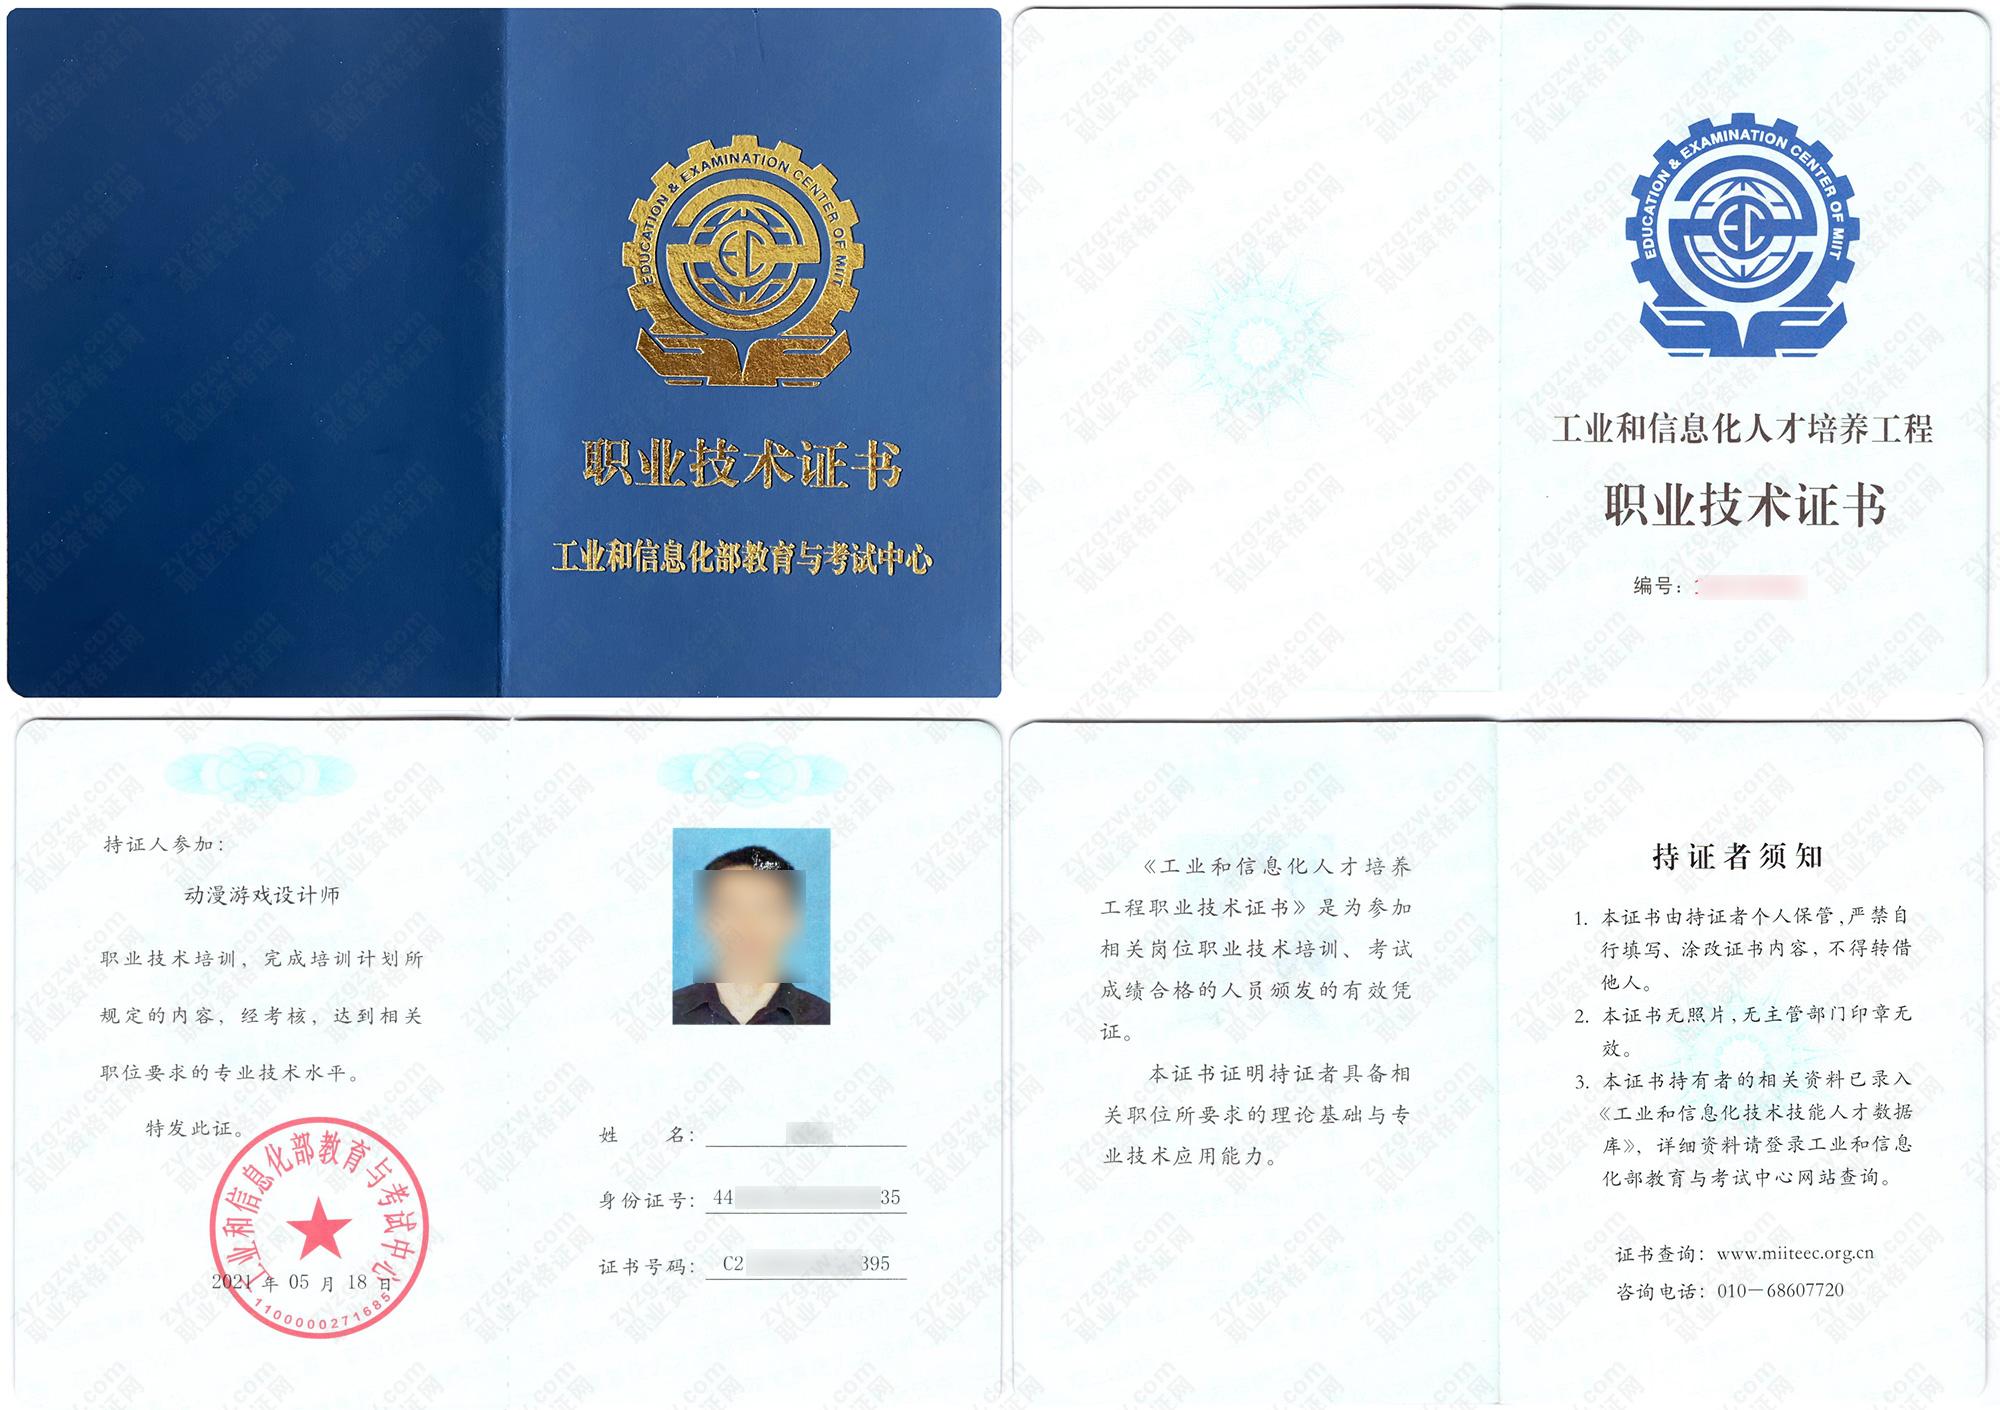 工信部 职业技术证书 动漫游戏设计师证证书样本